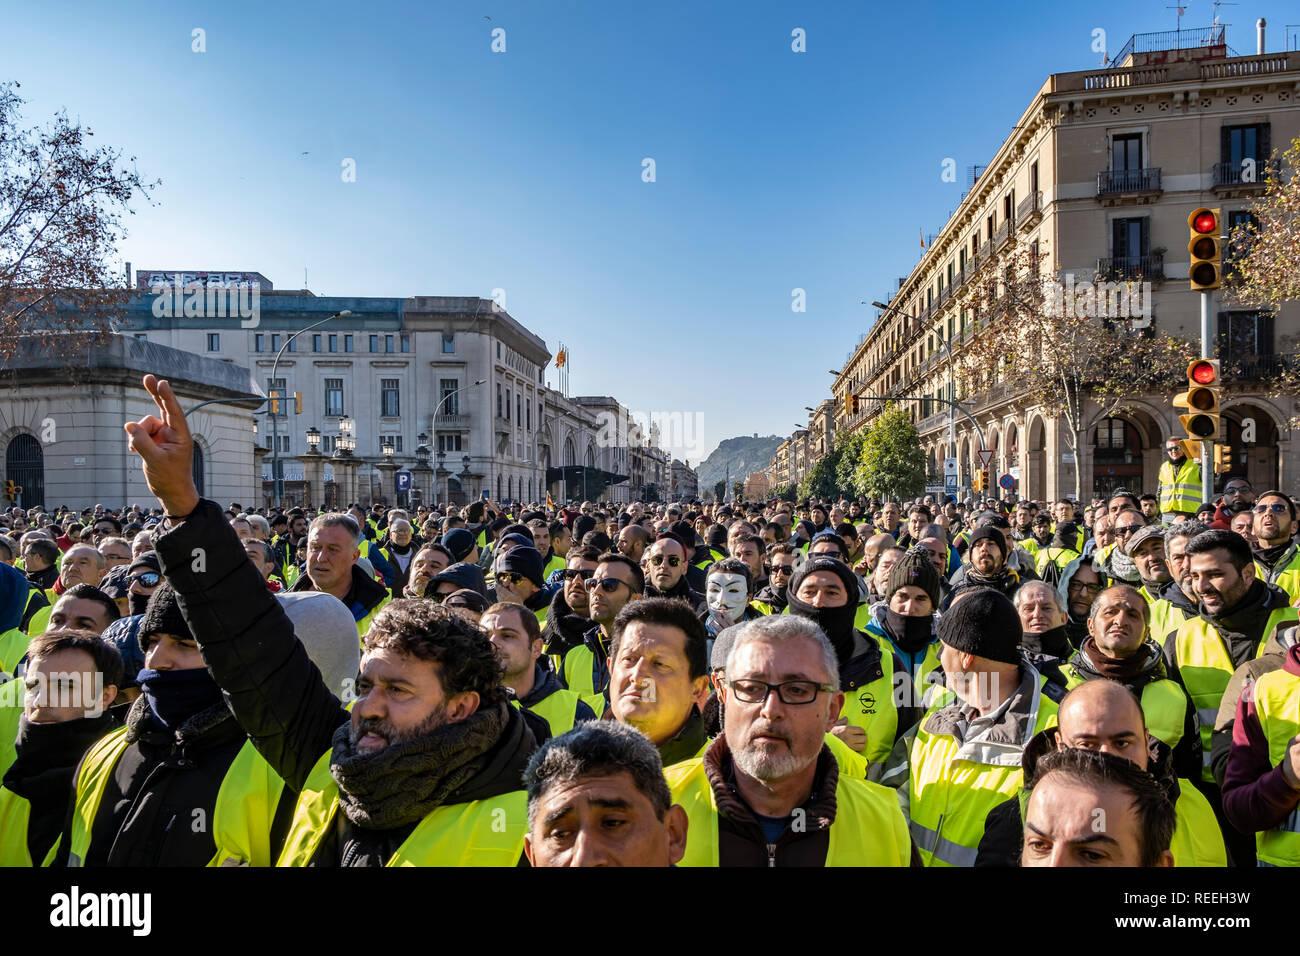 Una folla di conducenti di taxi con giubbotti di colore giallo sono visti la raccolta di fronte al Parlamento di Catalogna durante lo sciopero. Quarto giorno sciopero, dopo non essere ricevuto in Parlamento della Catalogna, i tassisti in dimostrazione hanno tagliato il traffico proveniente da Ronda del Litoral percorso, la pre-prenotazione tempo del VTC servizi (Uber e Cabify), che il governo vuole fissare in quindici minuti e i sindacati in 12 ore, è il punto forte del disaccordo. Foto Stock